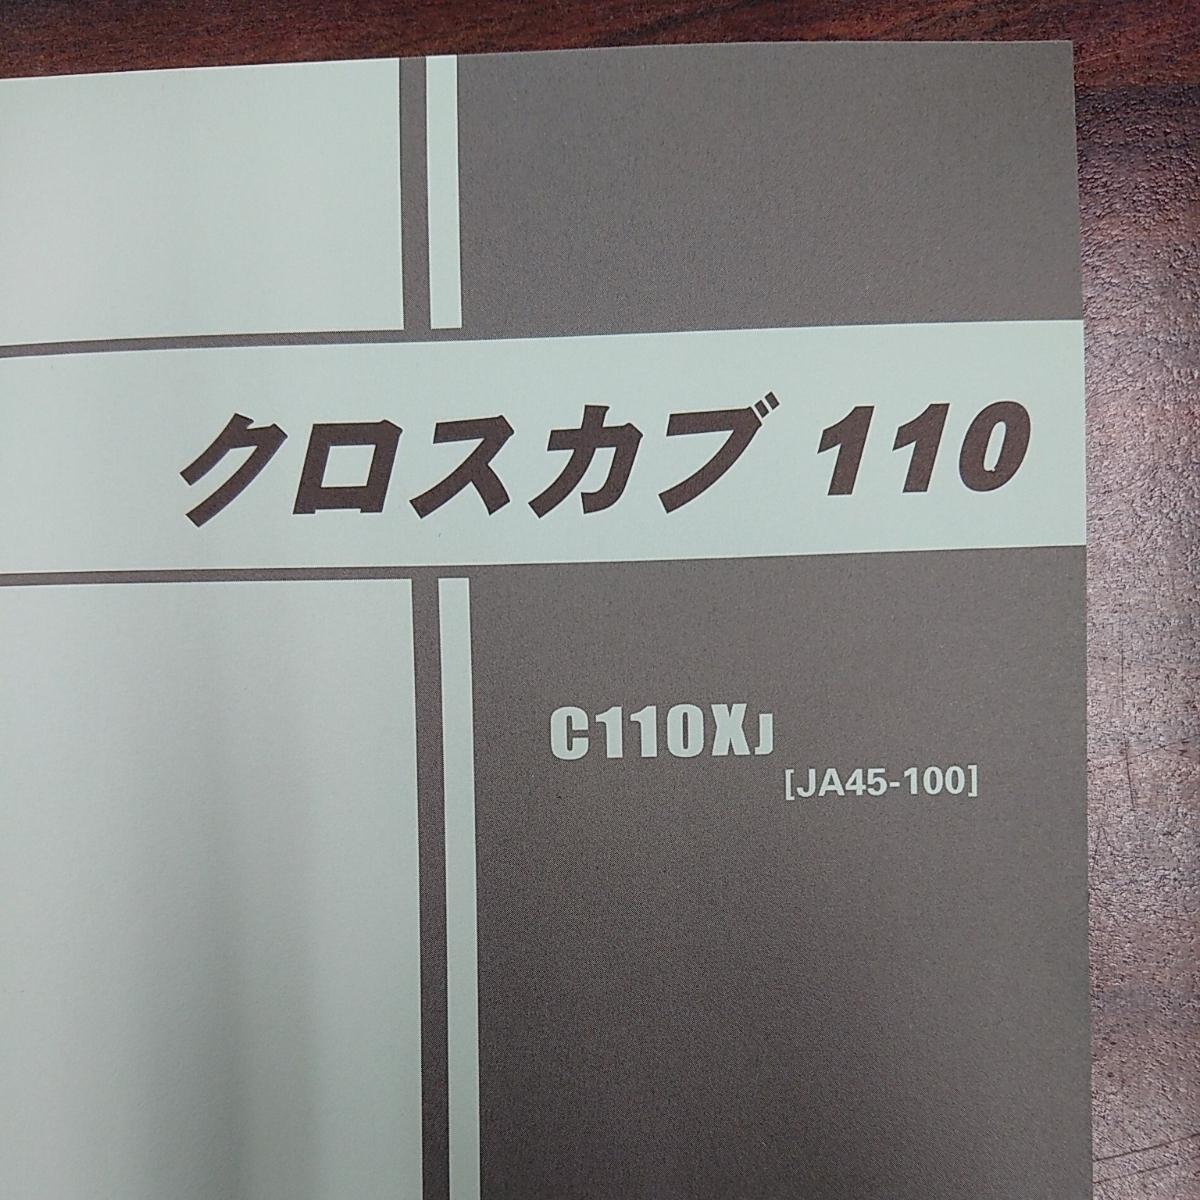 ホンダ クロスカブ110 JA45 パーツリスト パーツカタログ サービスマニュアルの補助資料に_画像2